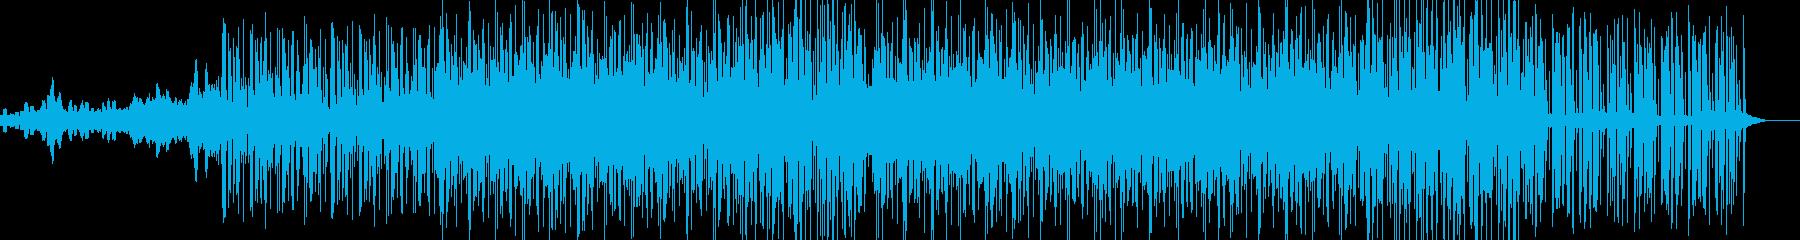 スペーシーなサウンドのイントロは、...の再生済みの波形